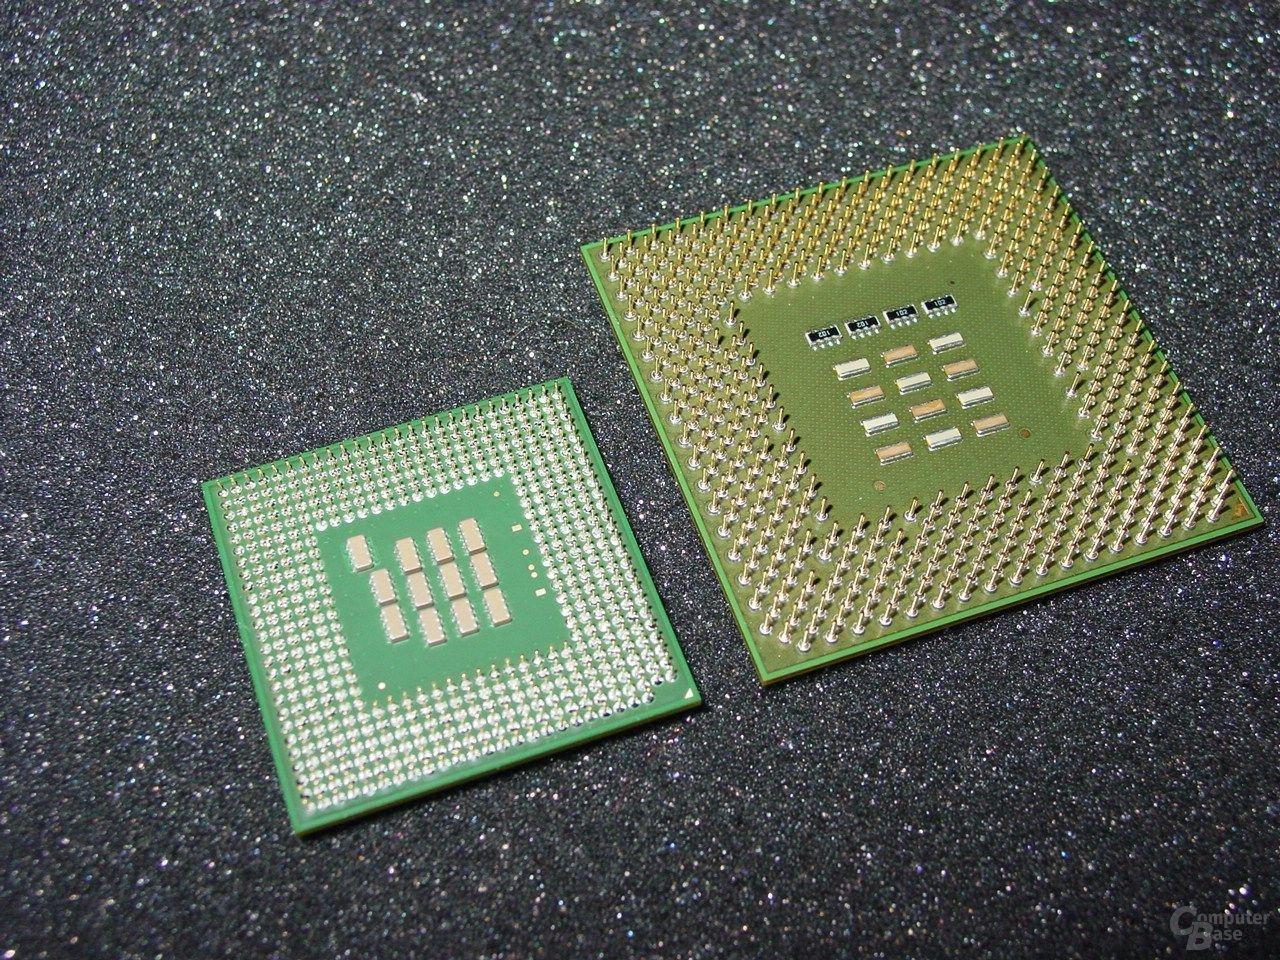 Pentium 4 vs Intel (Unterseite)